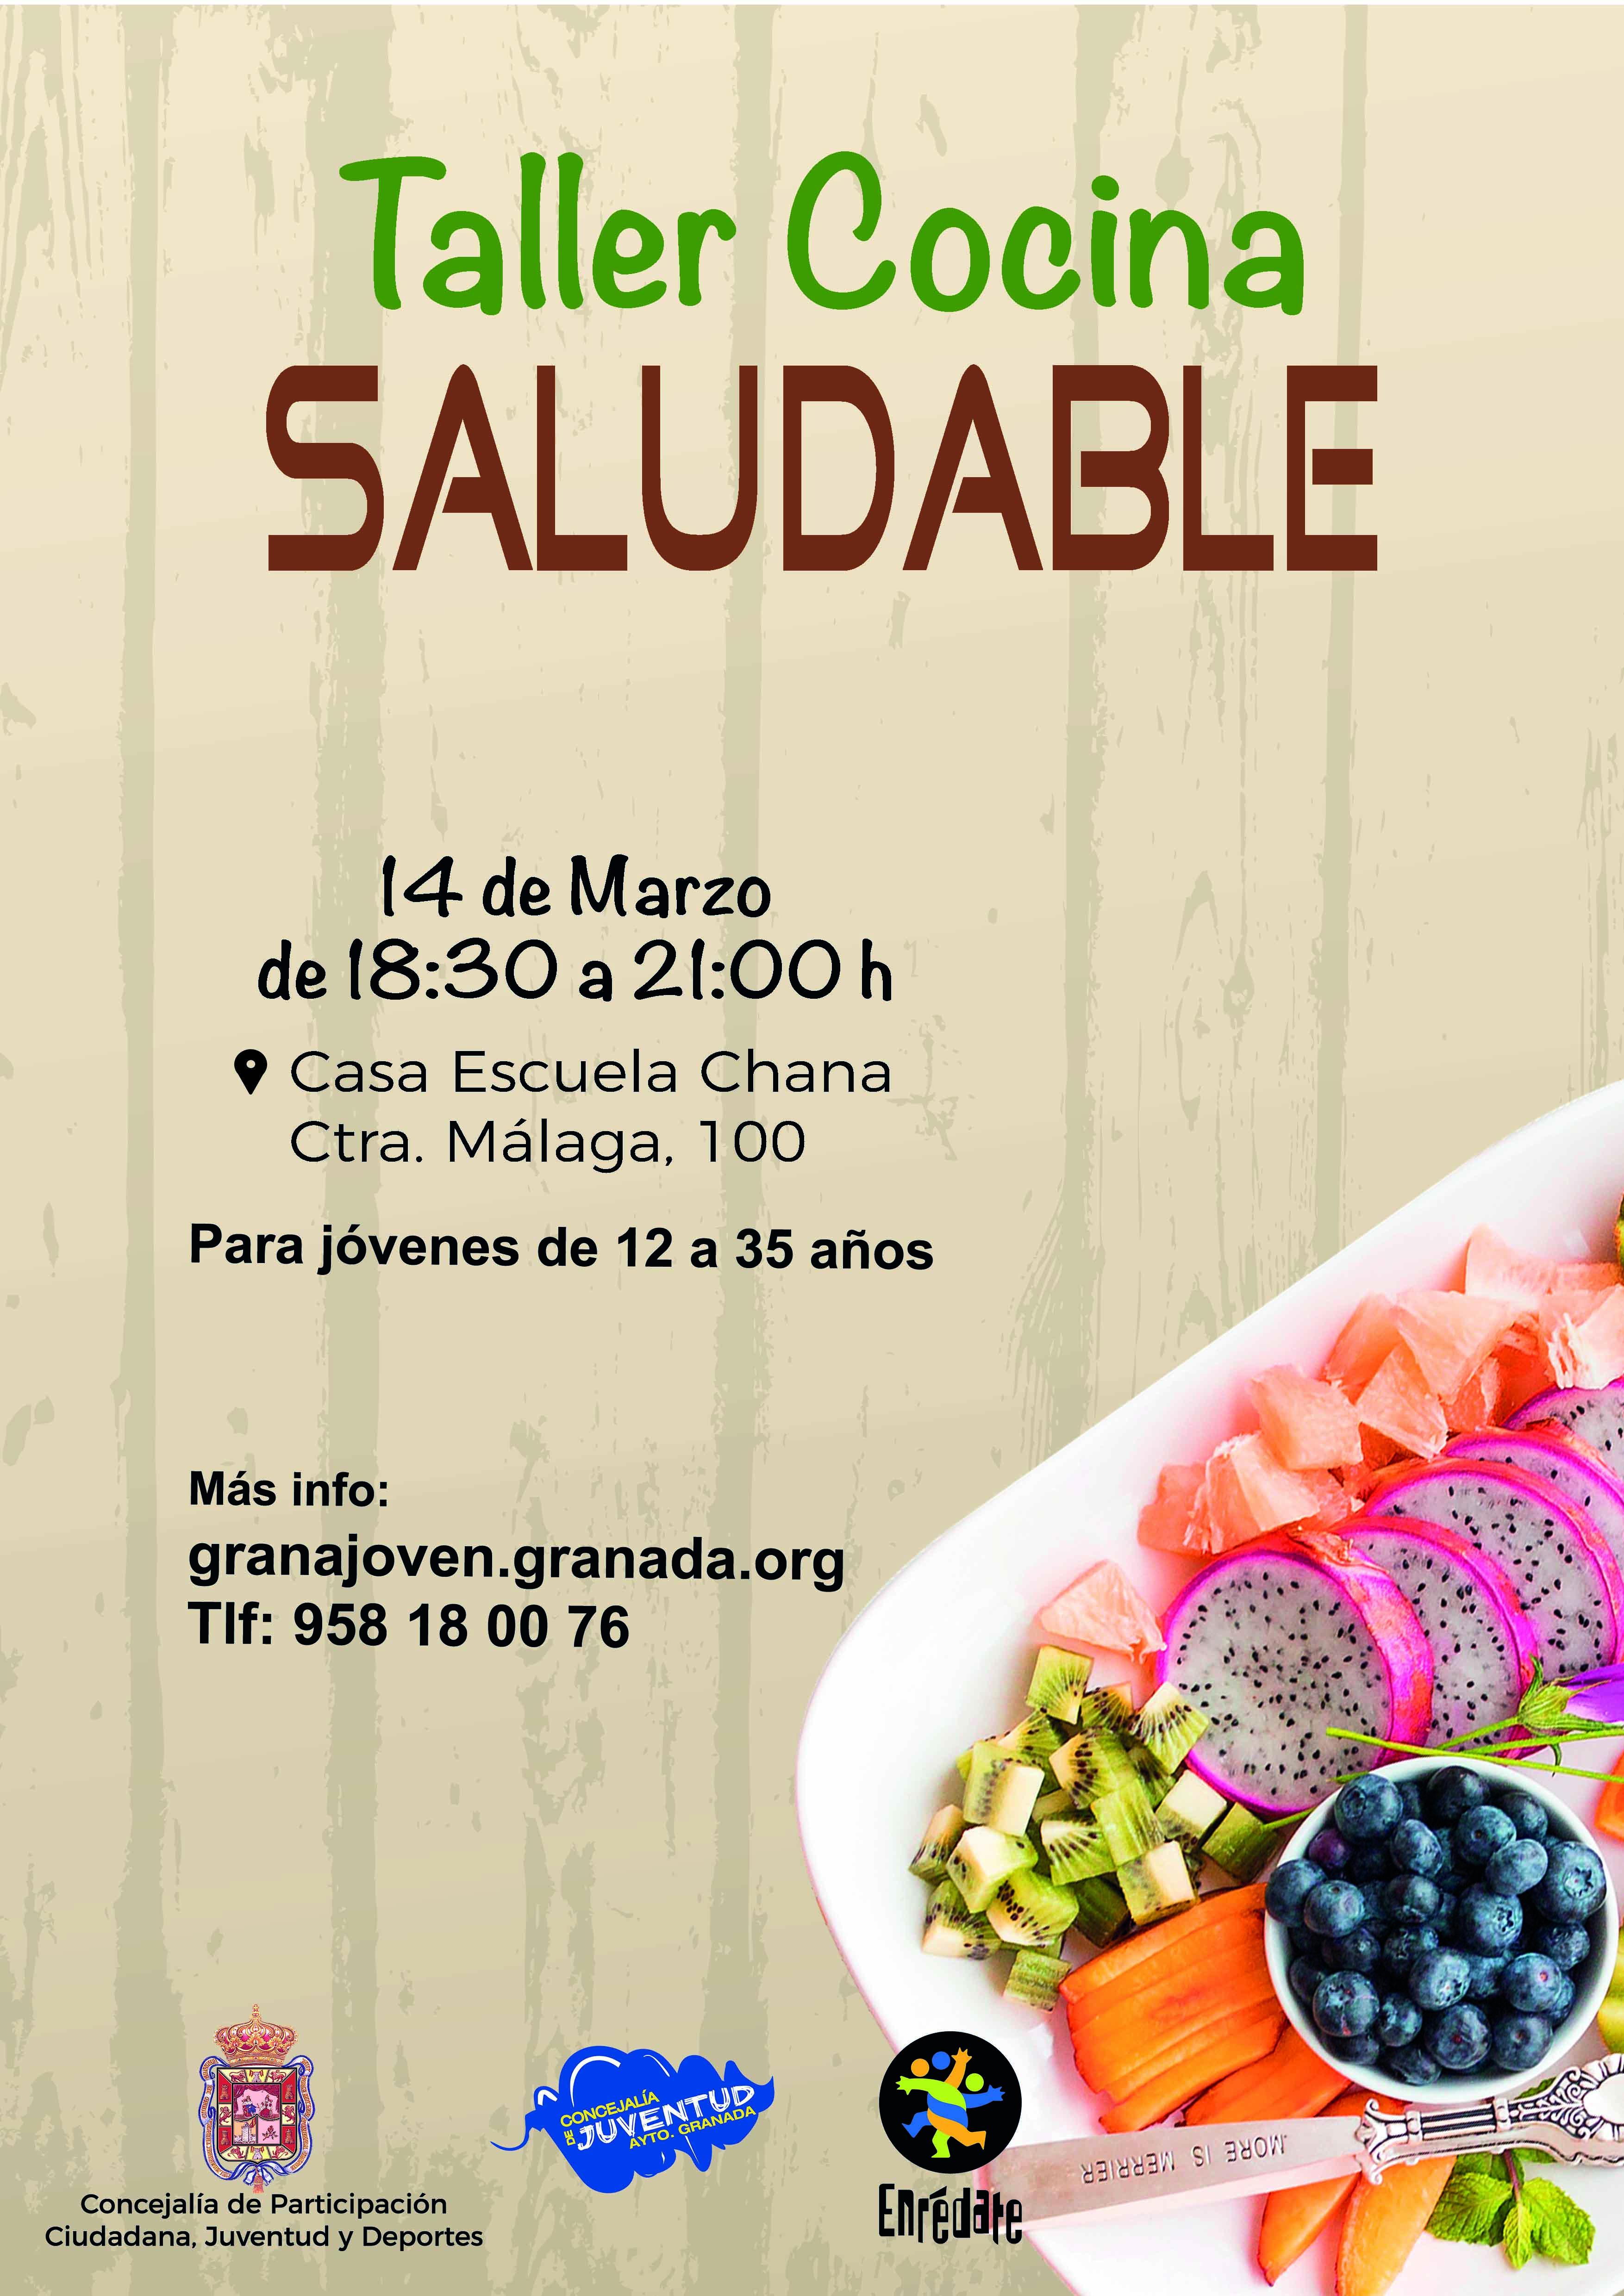 Ayto granada enredate taller de cocina saludable for Cocina saludable